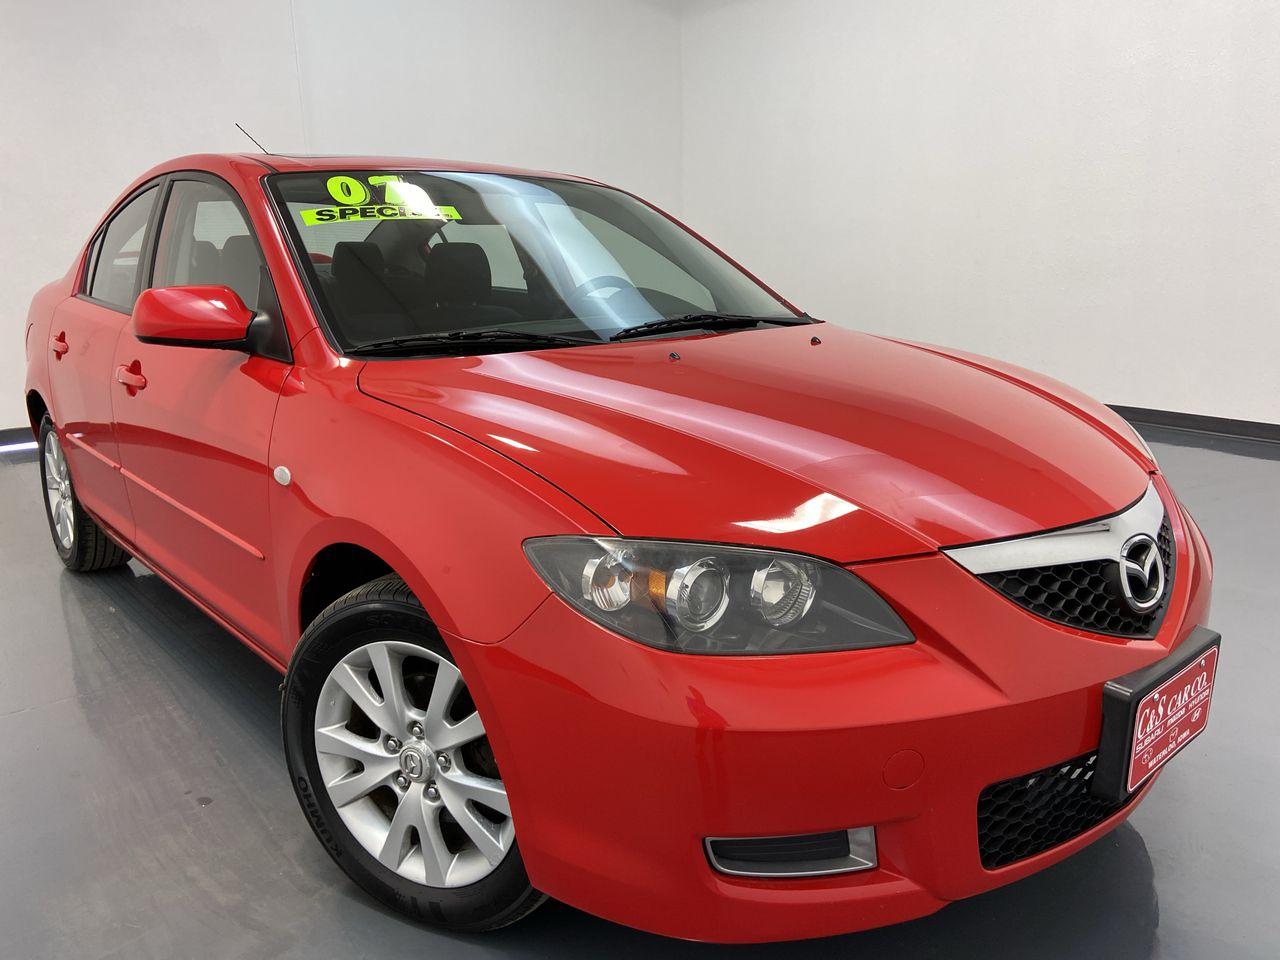 2007 Mazda Mazda3 4D Sedan  - 16243  - C & S Car Company